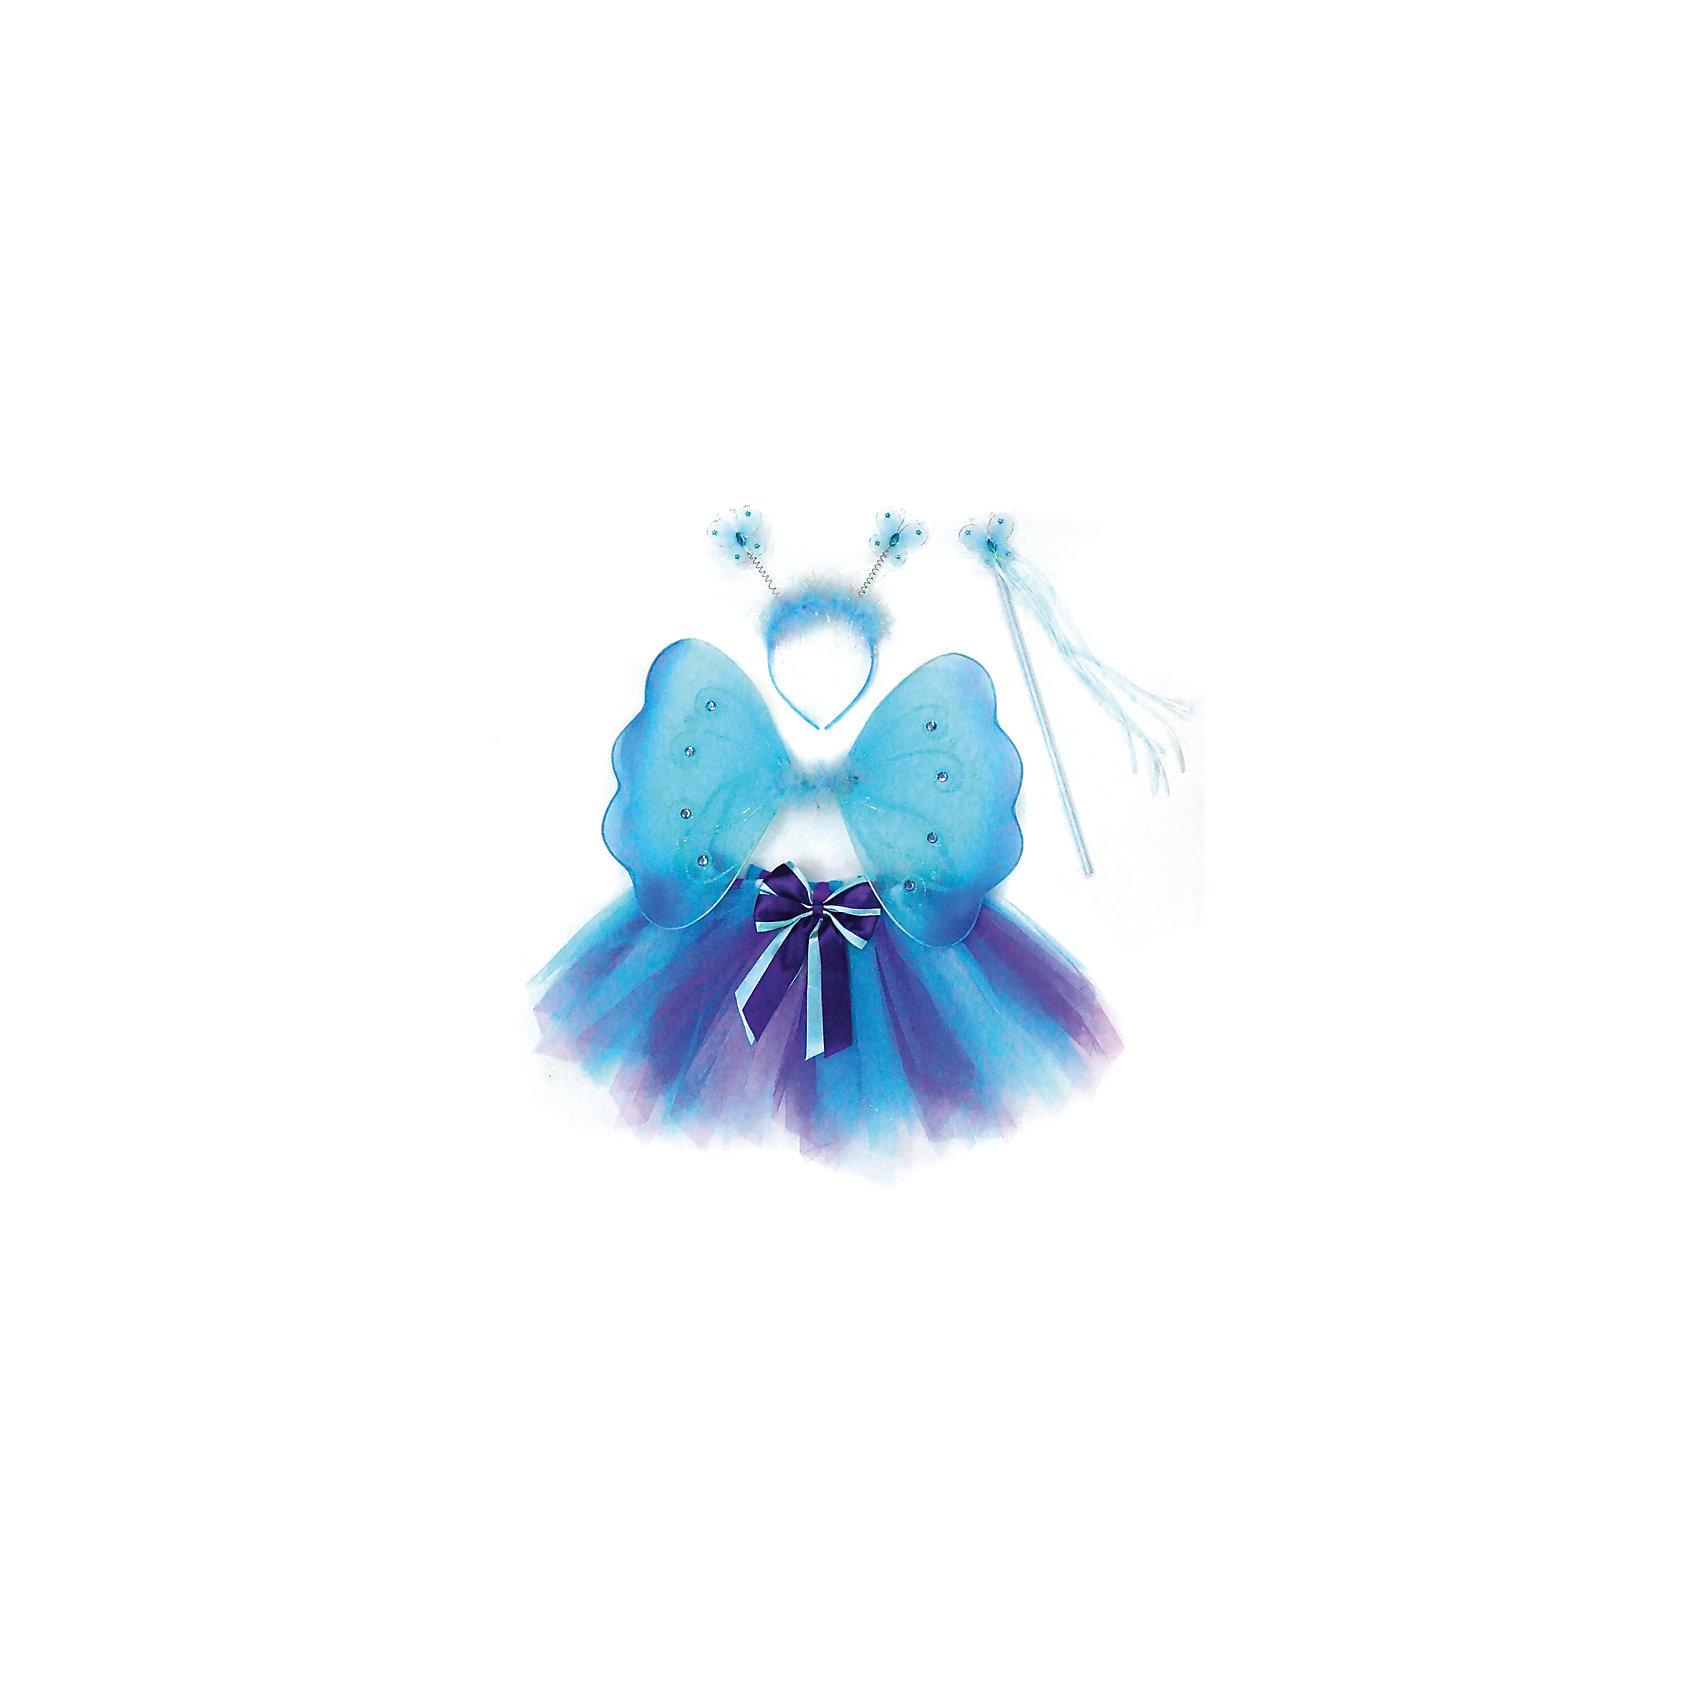 Костюм Бабочки, голубой, Новогодняя сказкаХарактеристики товара:<br><br>• цвет: голубой<br>• комплектация: крылья, юбка, венок, палочка<br>• материал: текстиль, пластик<br>• для праздников и постановок<br>• упаковка: пакет<br>• размер крыльев: 28х39 см<br>• длина юбки: 25 см<br>• возраст: от 3 лет<br>• страна бренда: Российская Федерация<br>• страна изготовитель: Российская Федерация<br><br>Новогодние праздники - отличная возможность перевоплотиться в кого угодно, надев маскарадный костюм. Этот набор позволит ребенку мгновенно превратиться в бабочку!<br>Он состоит из нескольких предметов, которые подойдут дошкольникам. Изделия удобно сидят и позволяют ребенку наслаждаться праздником или принимать участие в постановке. Модель хорошо проработана, сшита из качественных и проверенных материалов, которые безопасны для детей.<br><br>Костюм Бабочки, голубой, от бренда Новогодняя сказка можно купить в нашем интернет-магазине.<br><br>Ширина мм: 430<br>Глубина мм: 580<br>Высота мм: 30<br>Вес г: 174<br>Возраст от месяцев: 36<br>Возраст до месяцев: 96<br>Пол: Женский<br>Возраст: Детский<br>SKU: 5177241